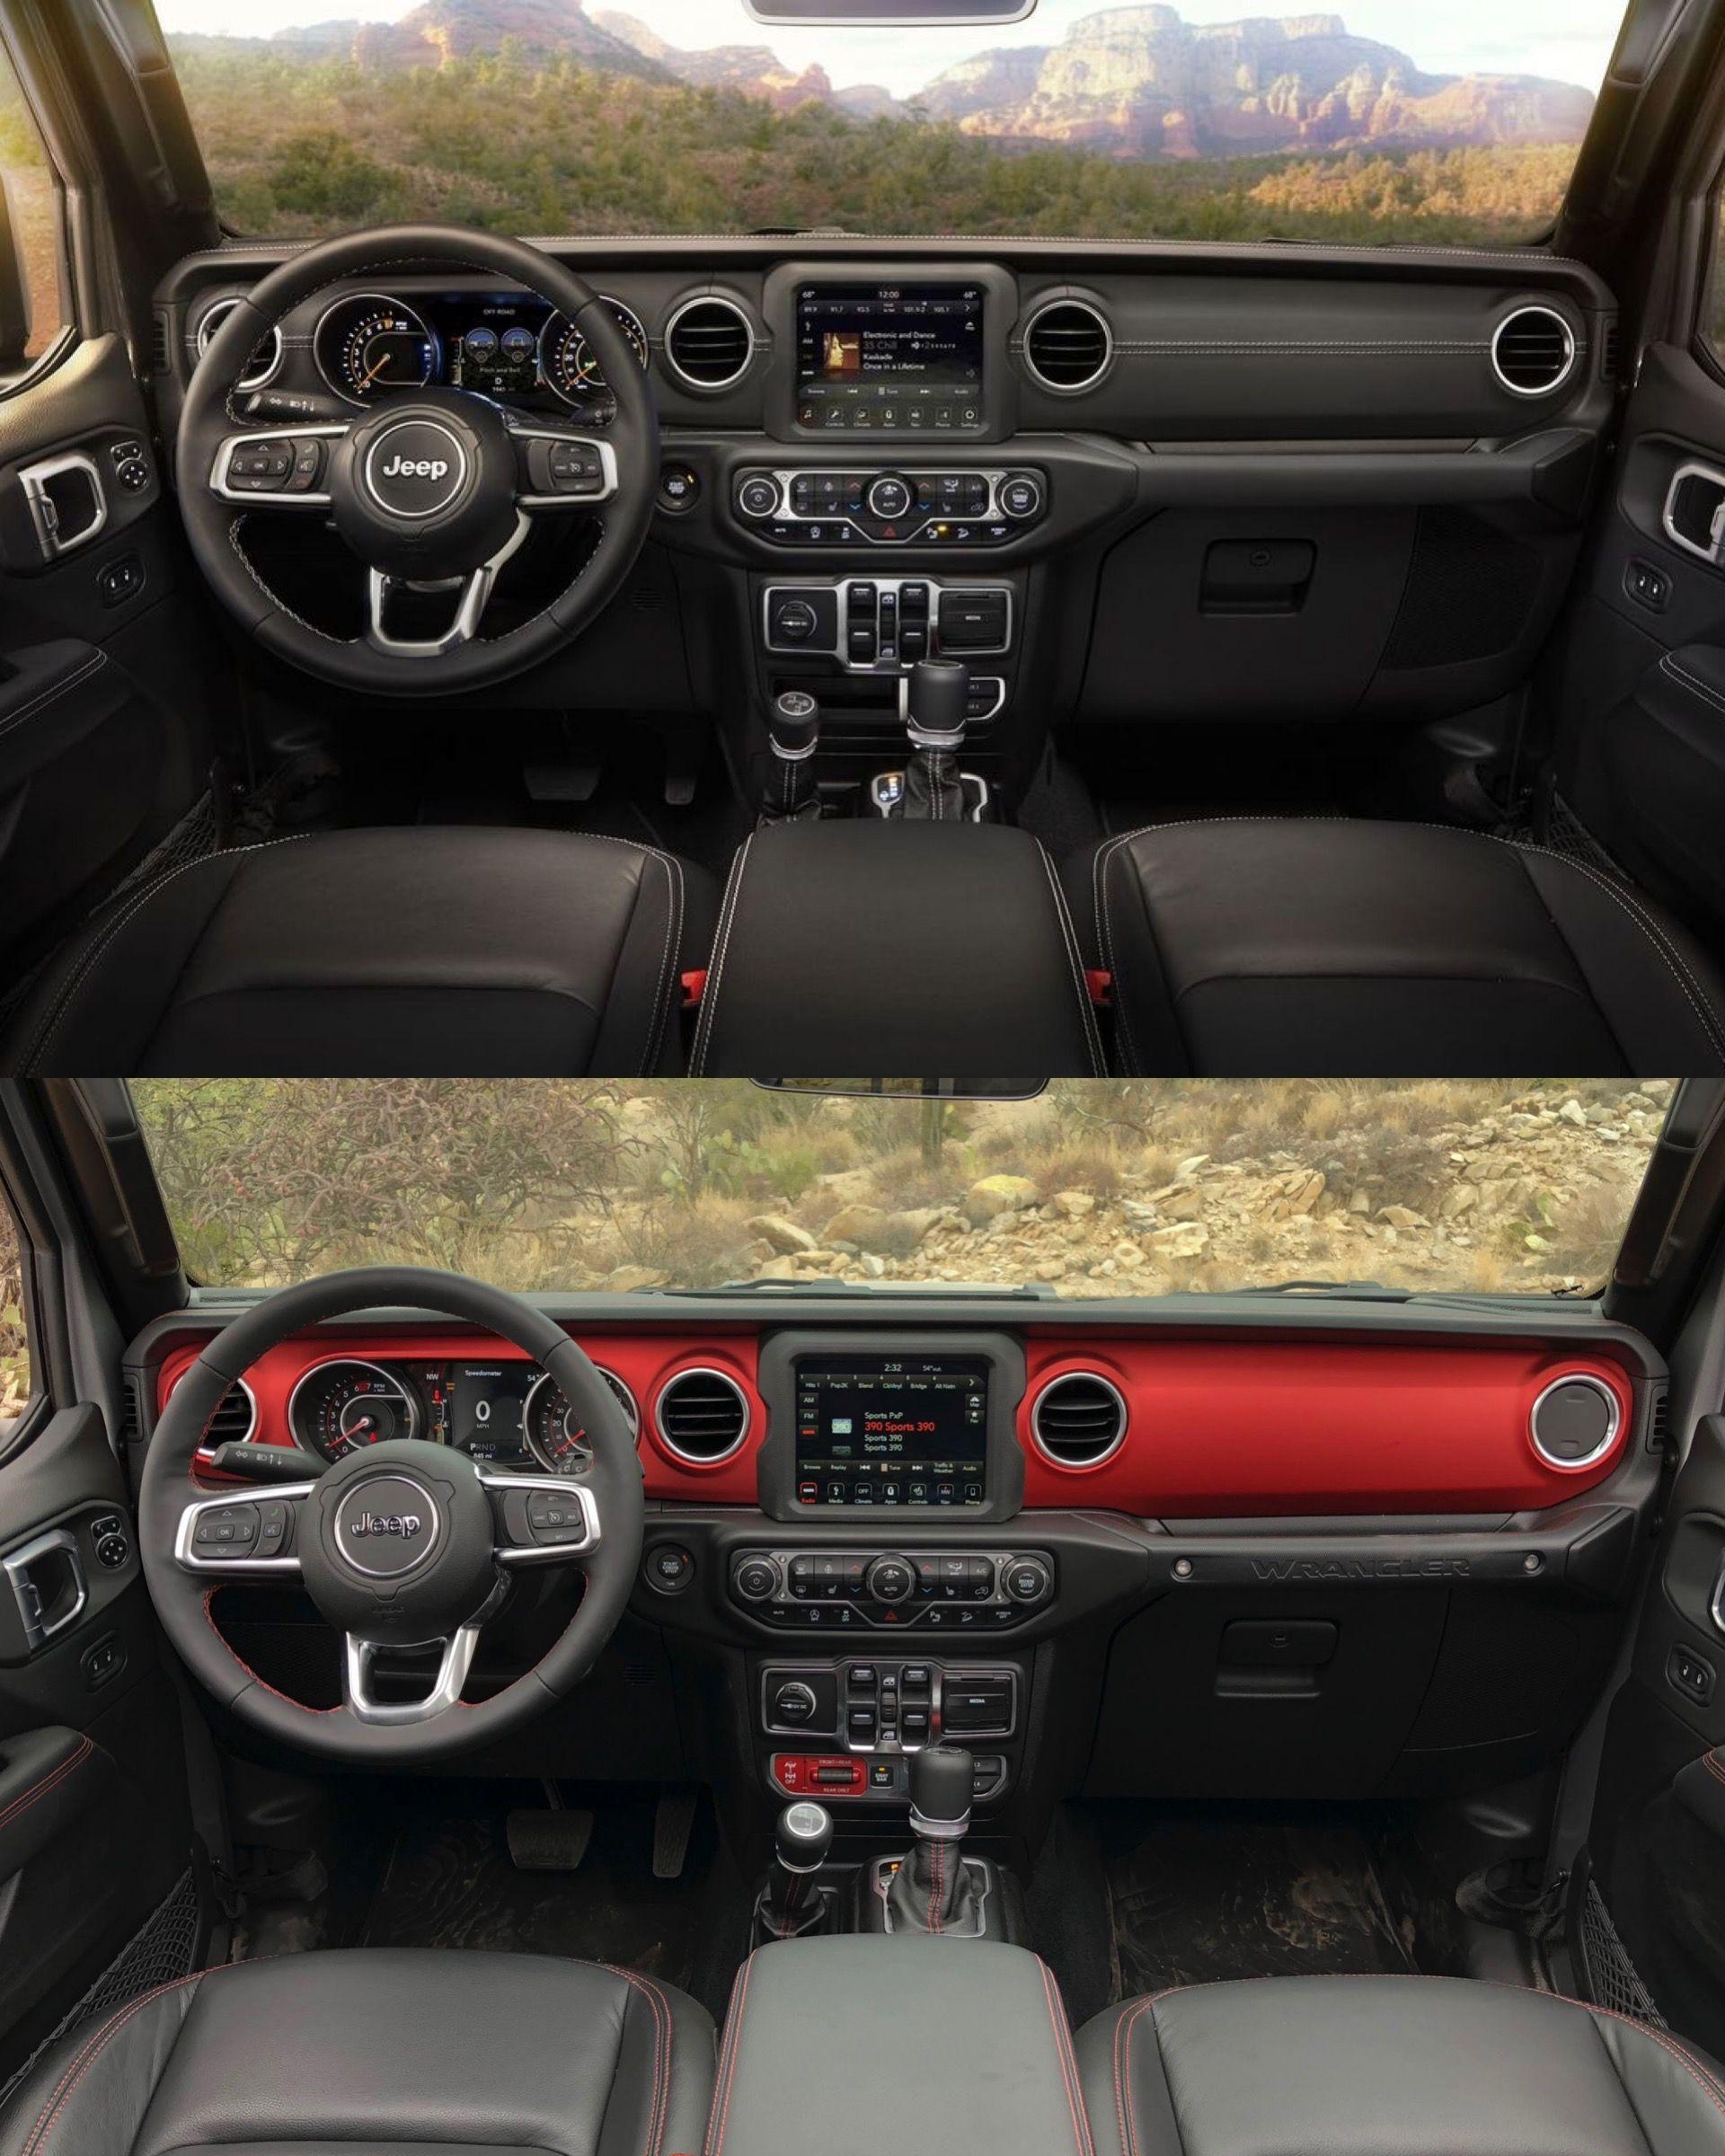 2018 Jeep Wrangler Jl Interior Dash Sahara Rubicon Jeep Wrangler Jeep Wrangler Renegade Wrangler Jl